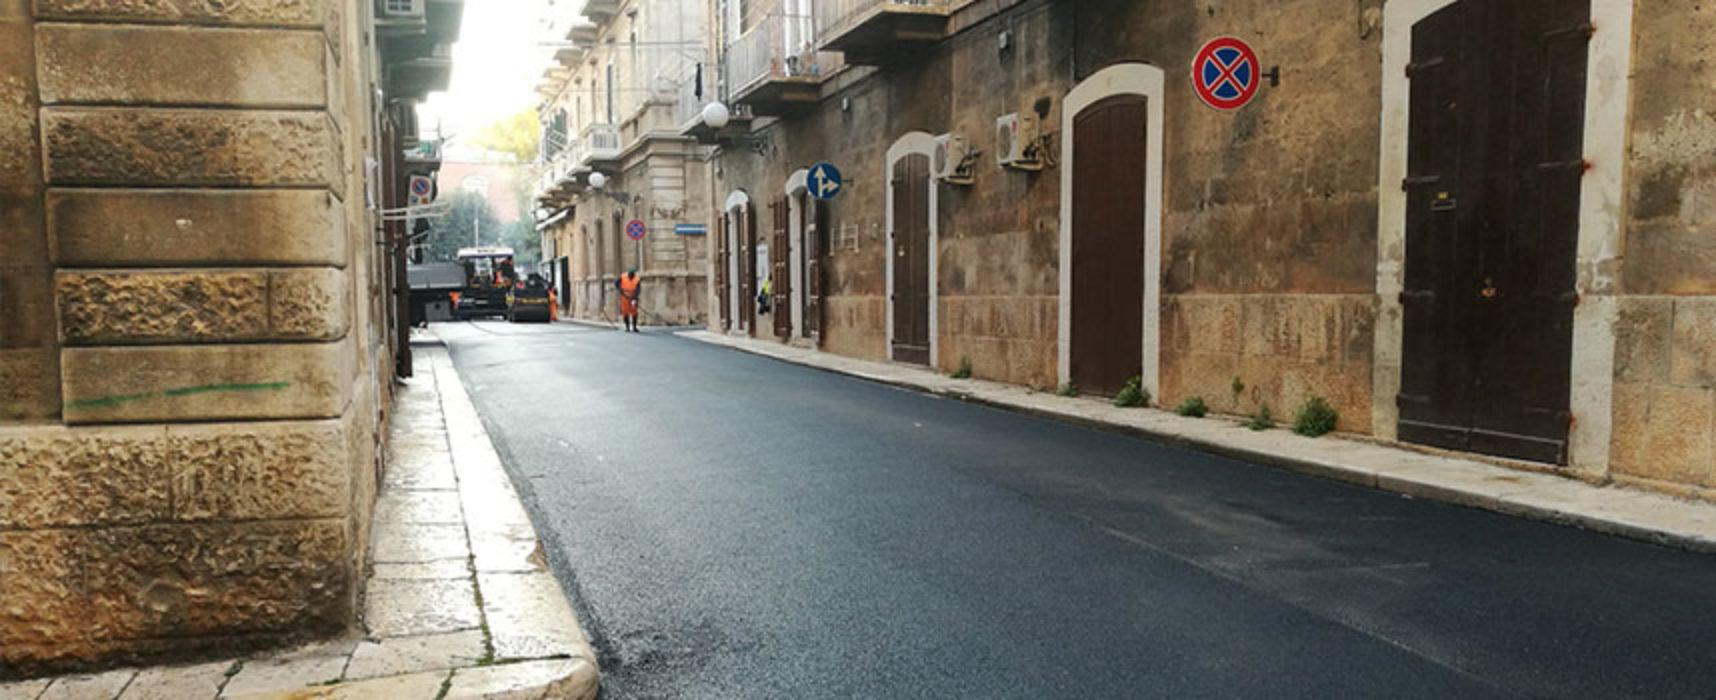 Completati lavori di rifacimento manto stradale in zona Sant'Agostino / FOTO